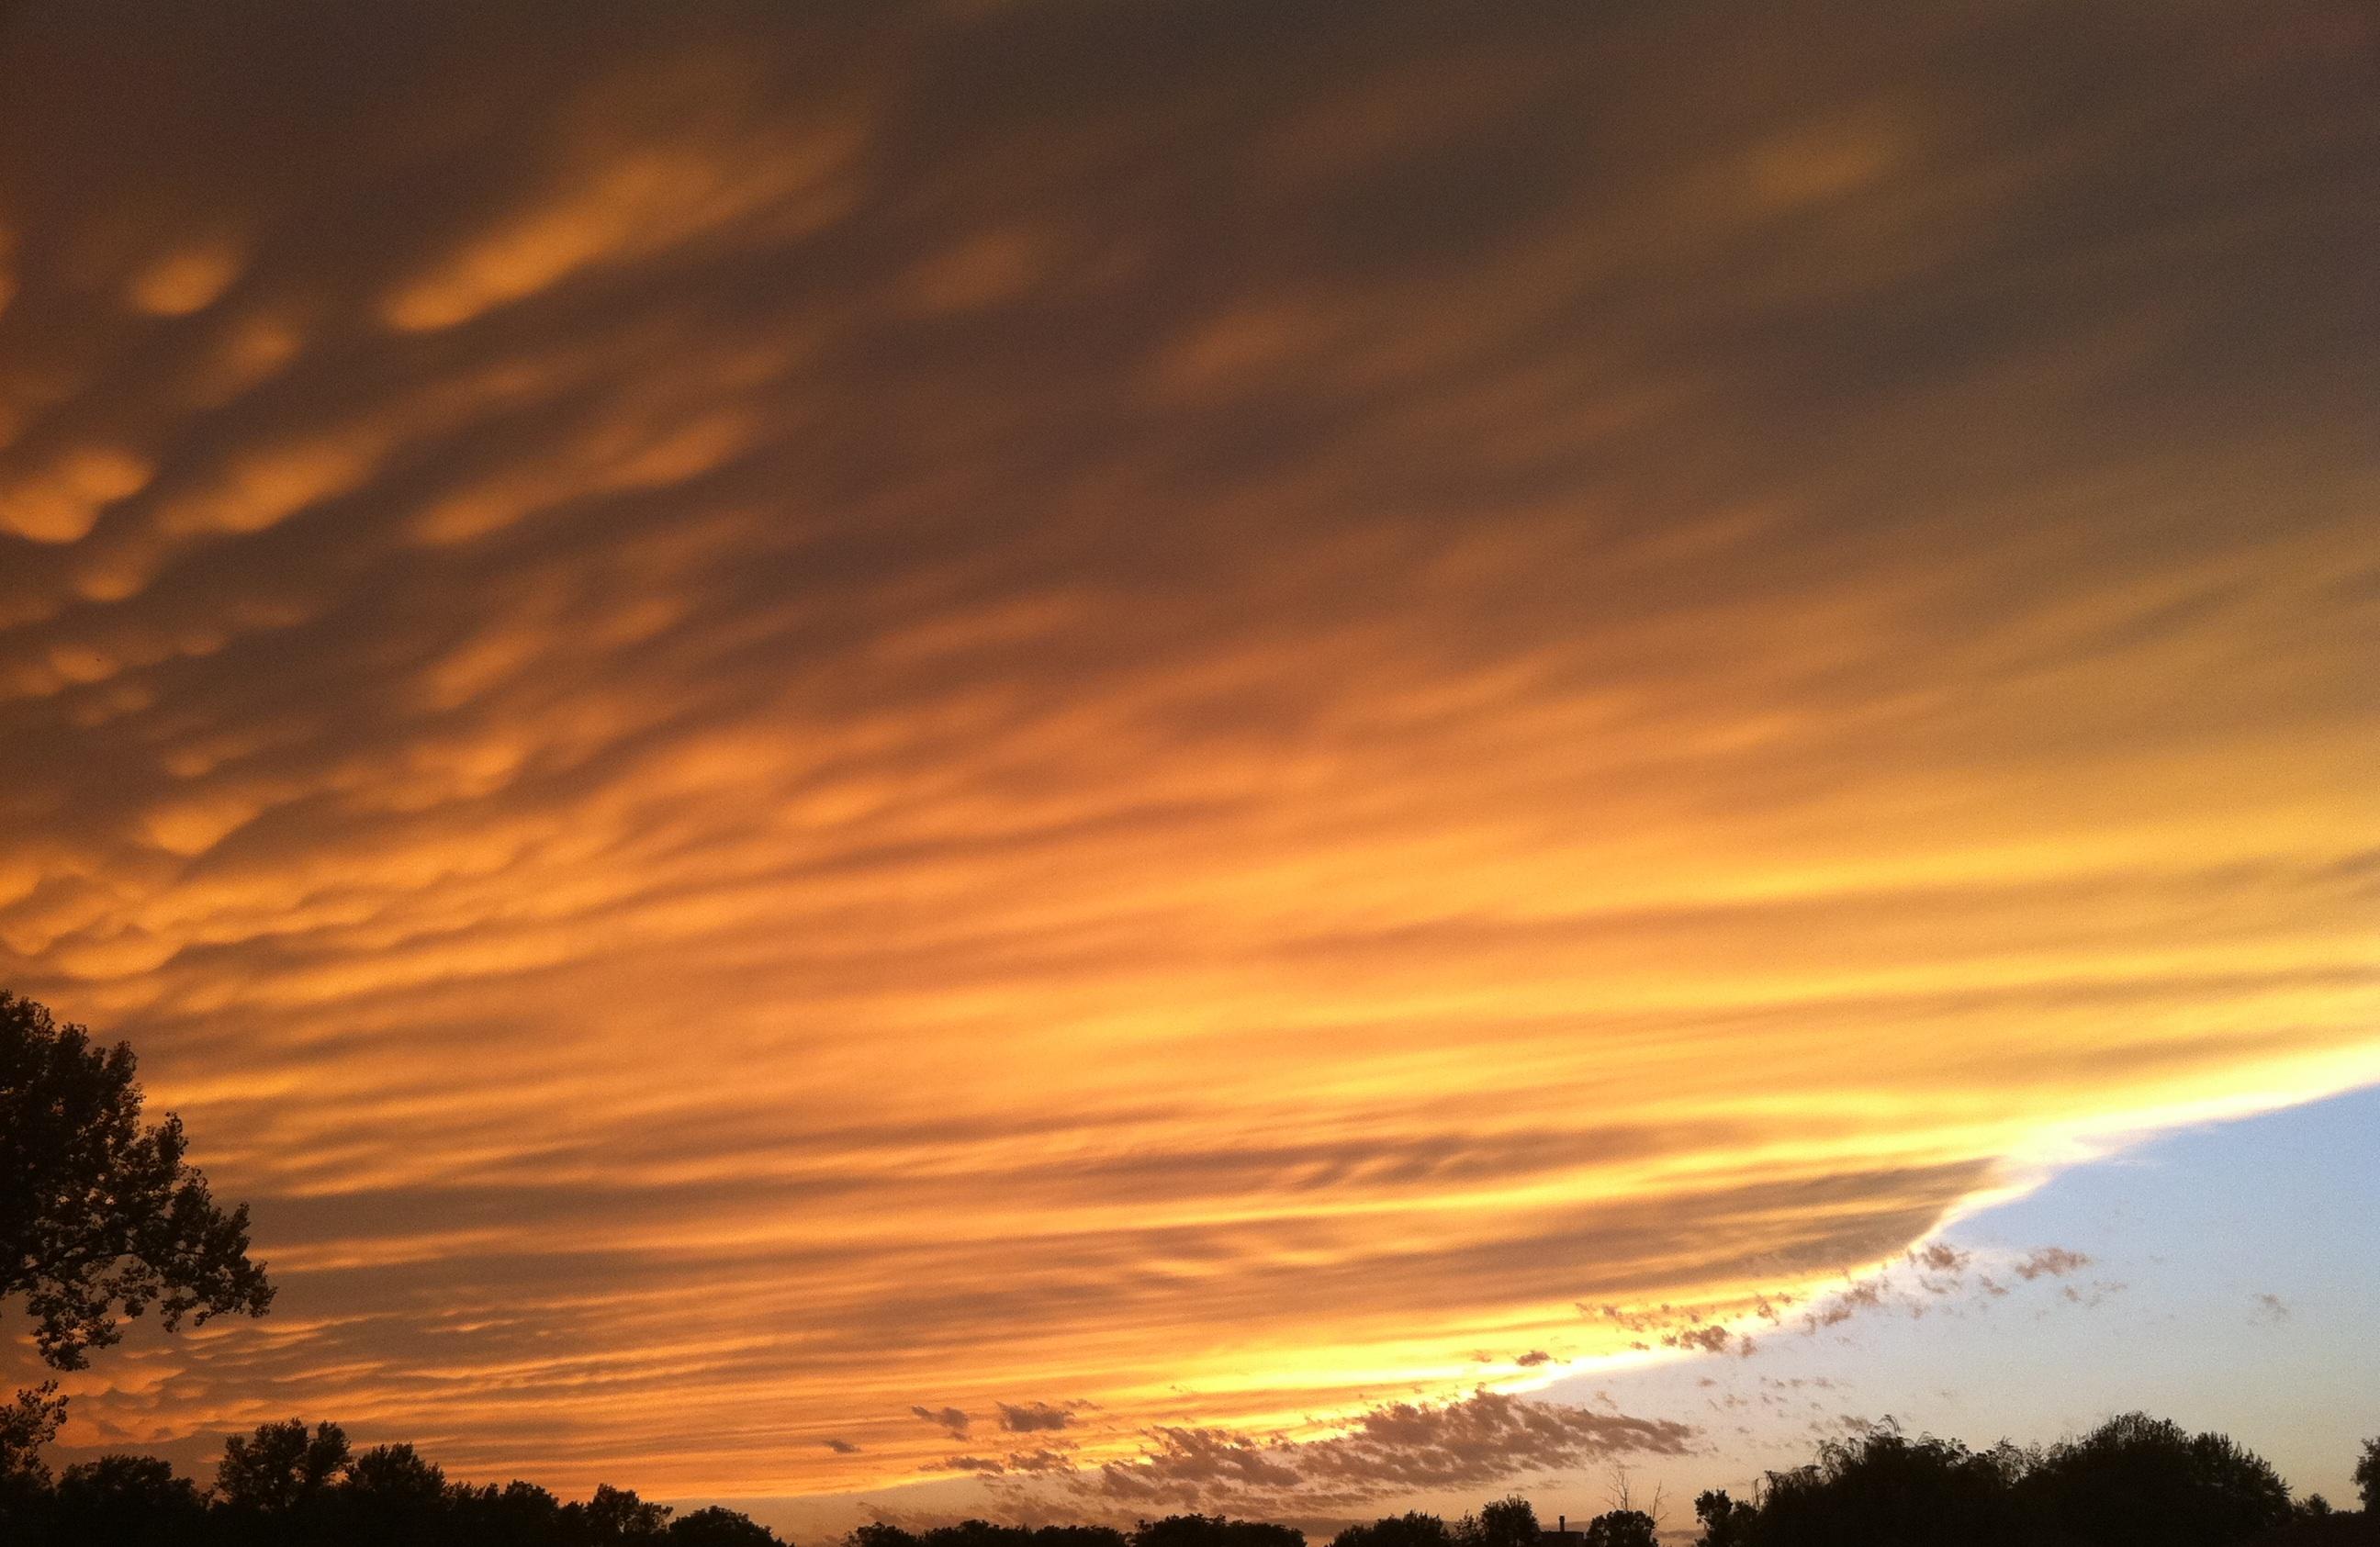 Cool Sky on September 15th - 4